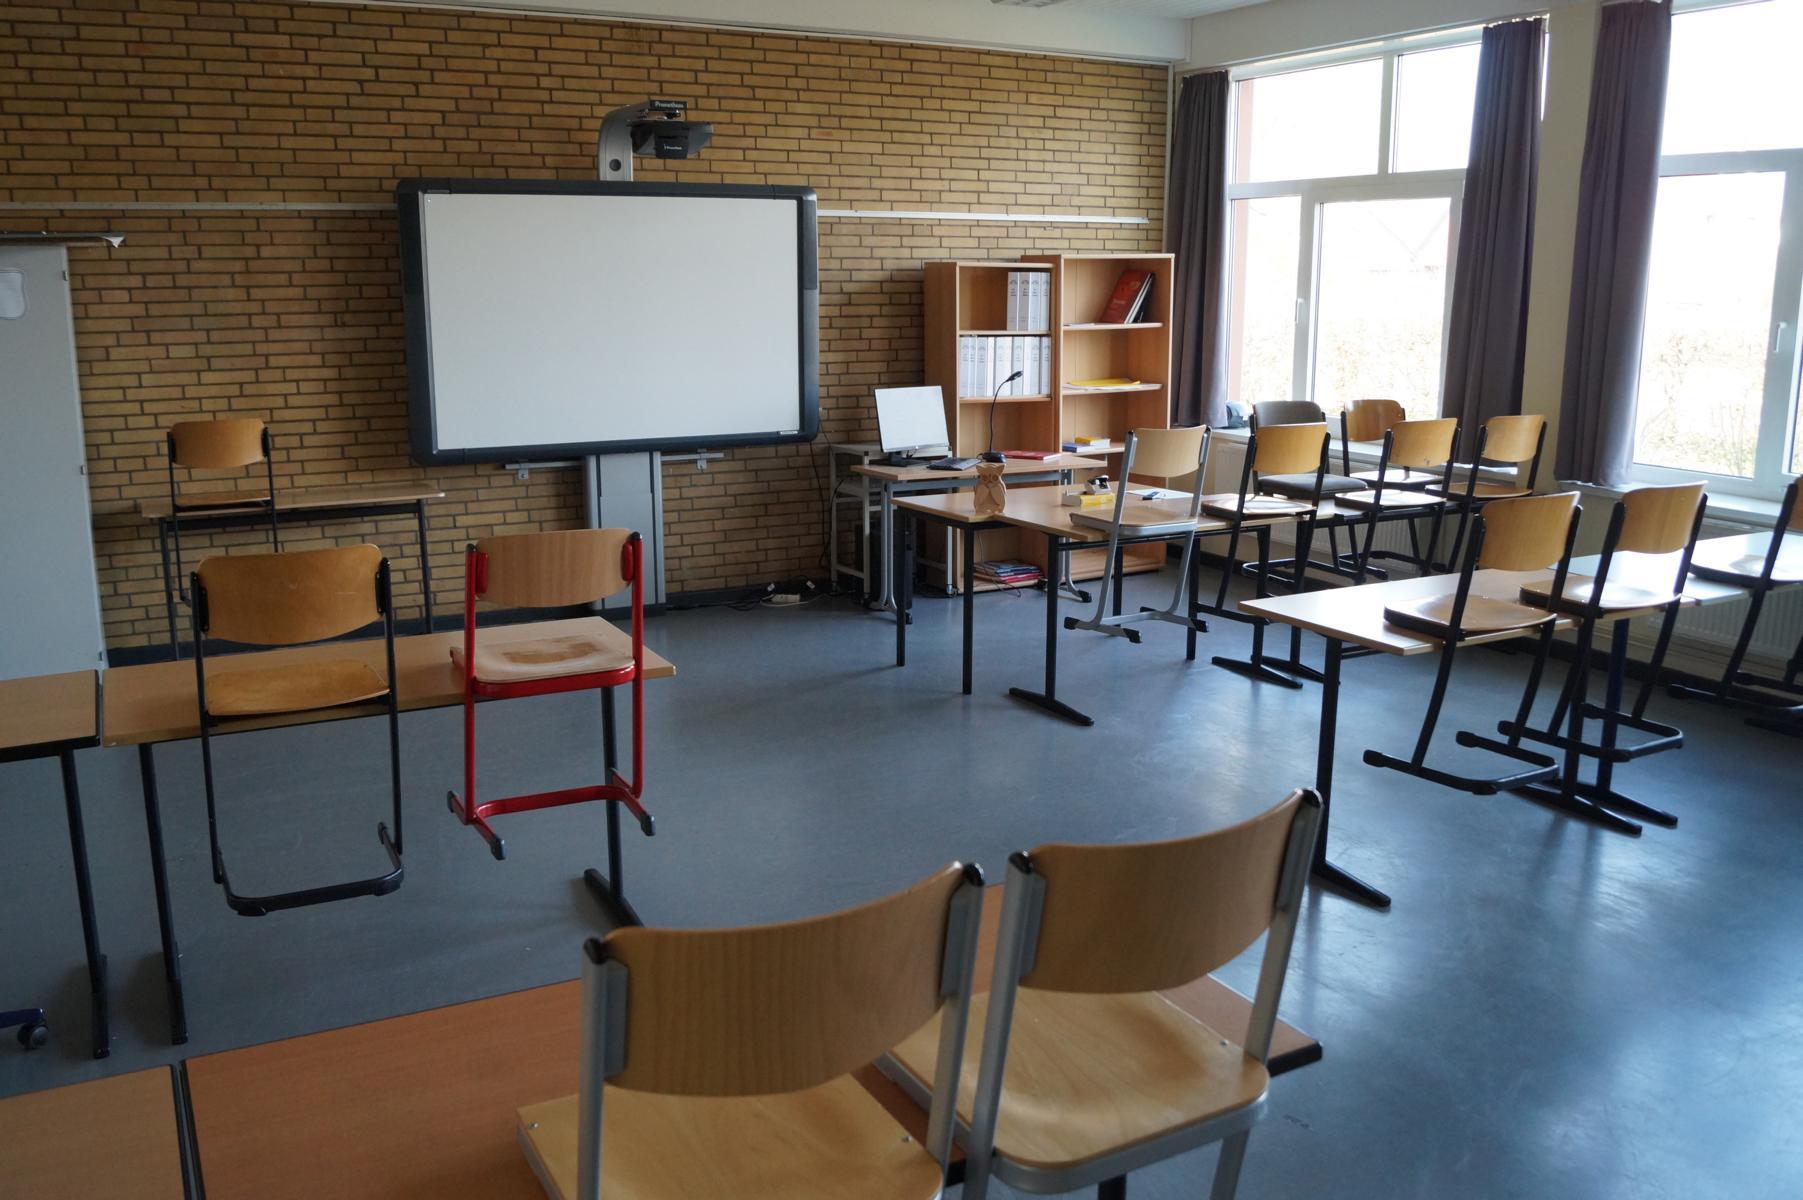 Es gibt viele Klassen mit Activeboards